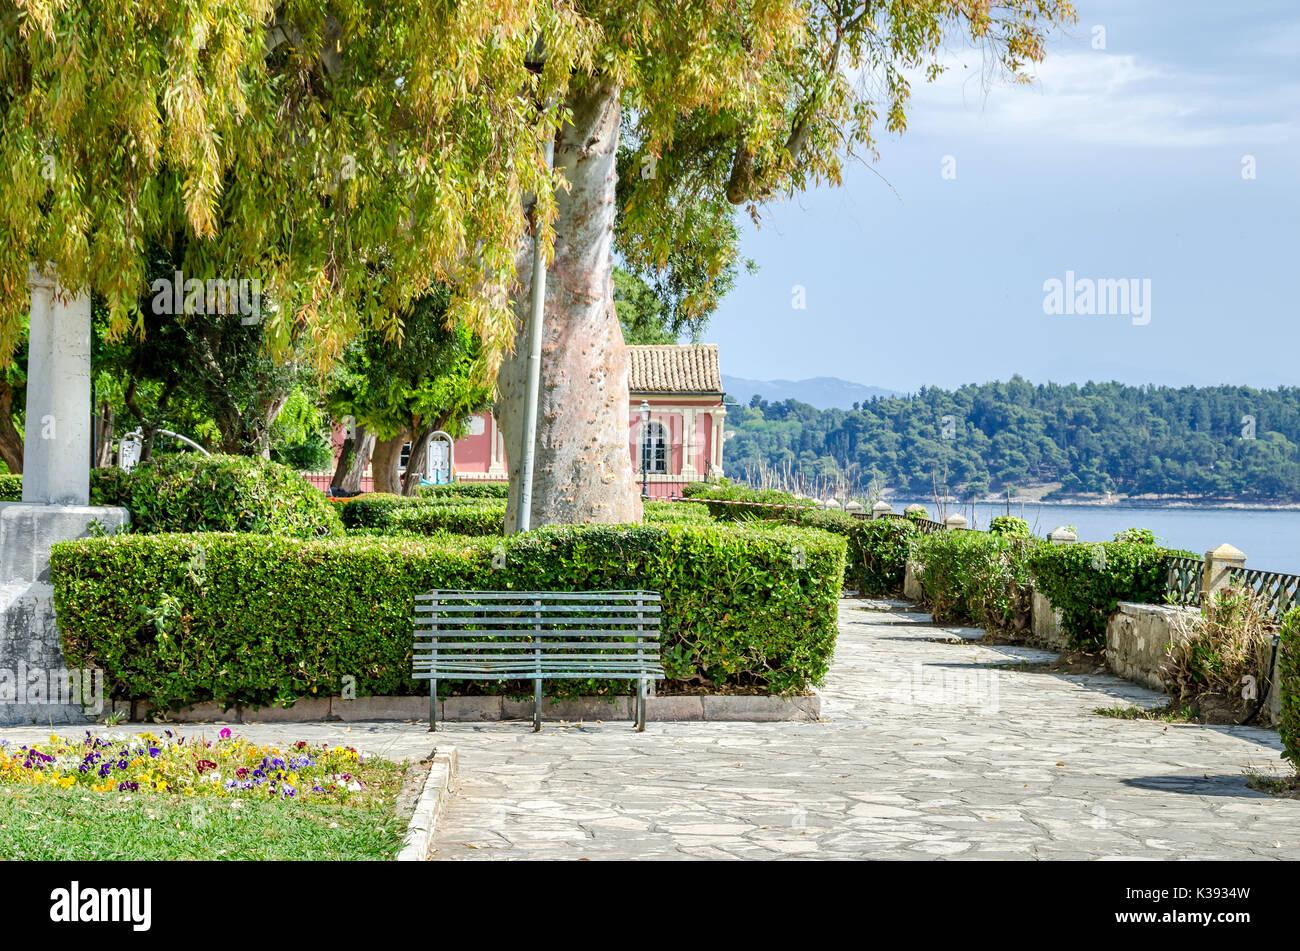 Boschetto Park or Boschetto Garden - a public garden in the old Town of Corfu, Greece. - Stock Image